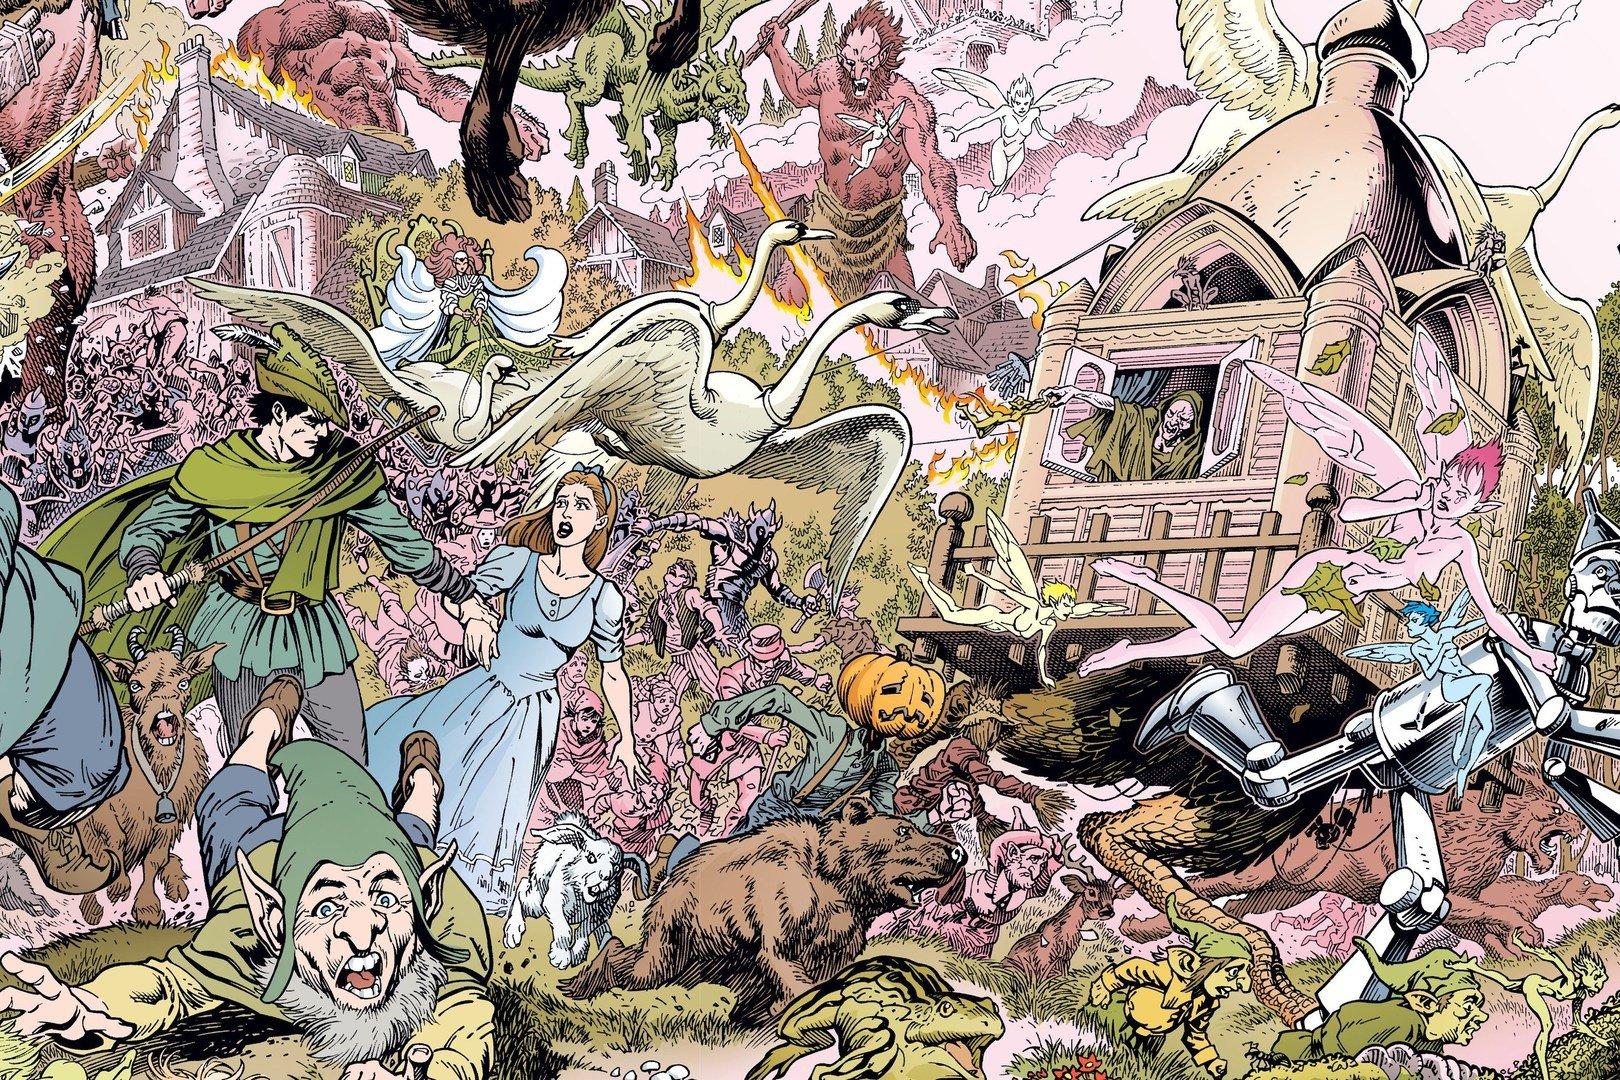 """Это комиксы № 2: Шериф Бигби и Снежка - """"Fables"""": история непростых отношений - Изображение 8"""